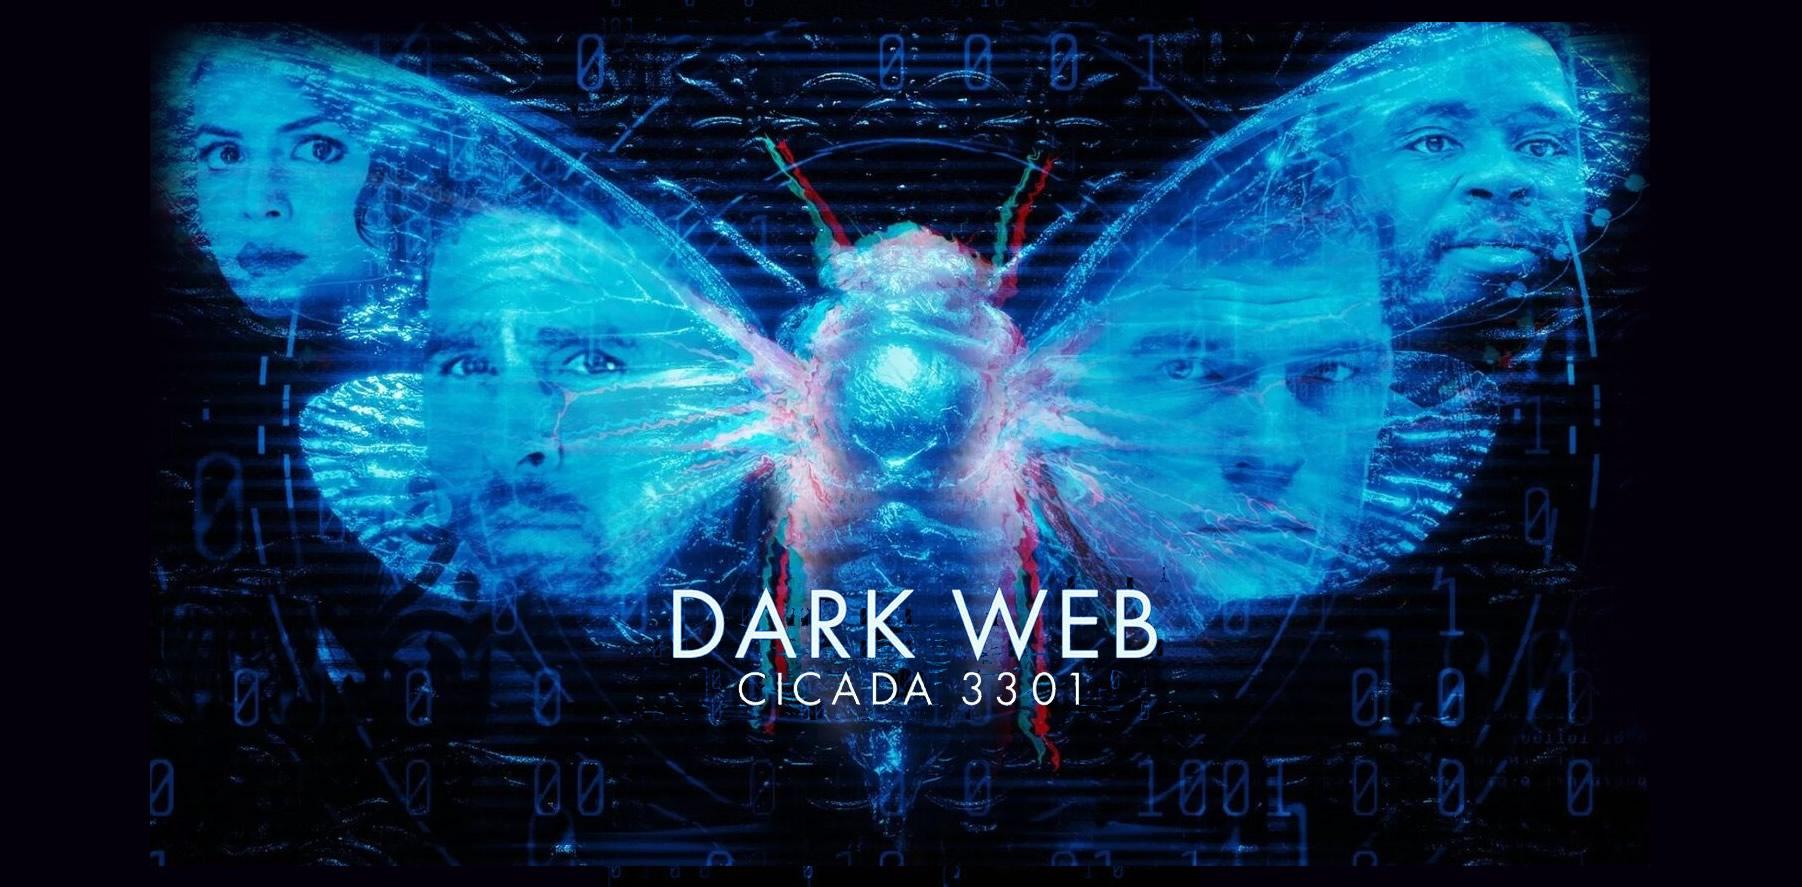 Dark Web: Cicada 3301 | Cyber-Thriller baseado em uma série de eventos da vida real misteriosos e não resolvidos